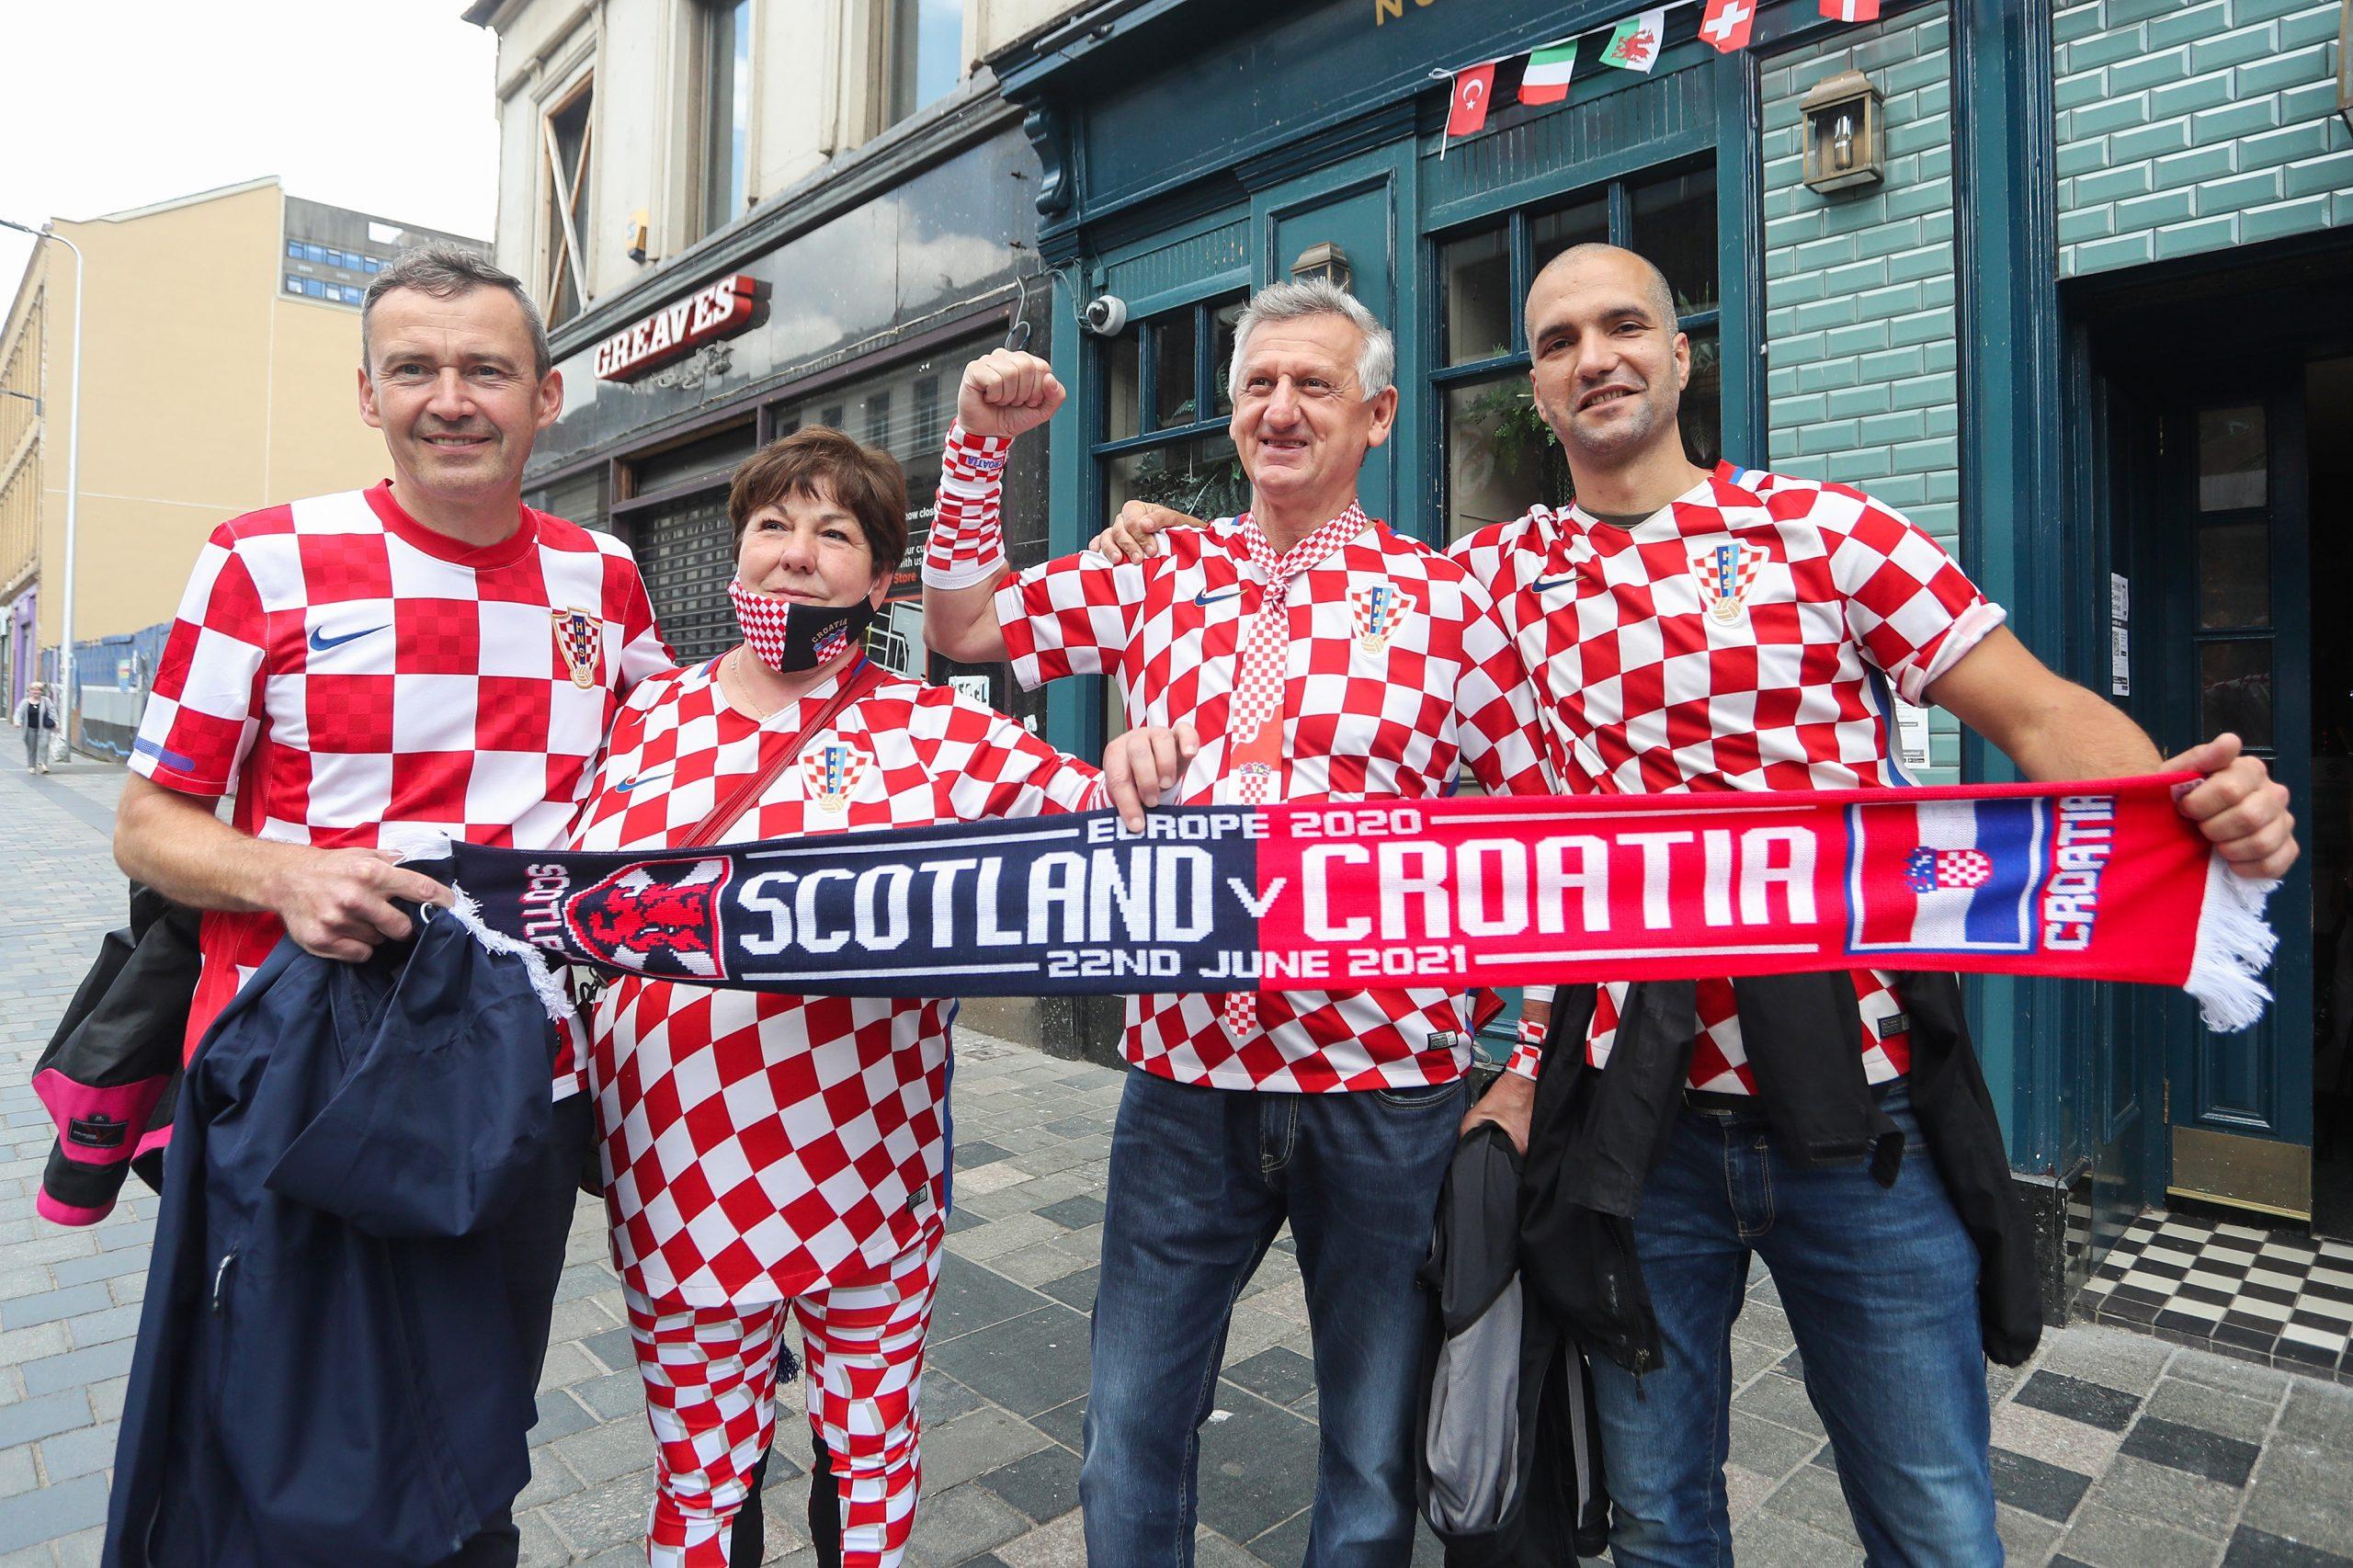 Hrvatski navijači u Glasgowu/Foto PIXSELL